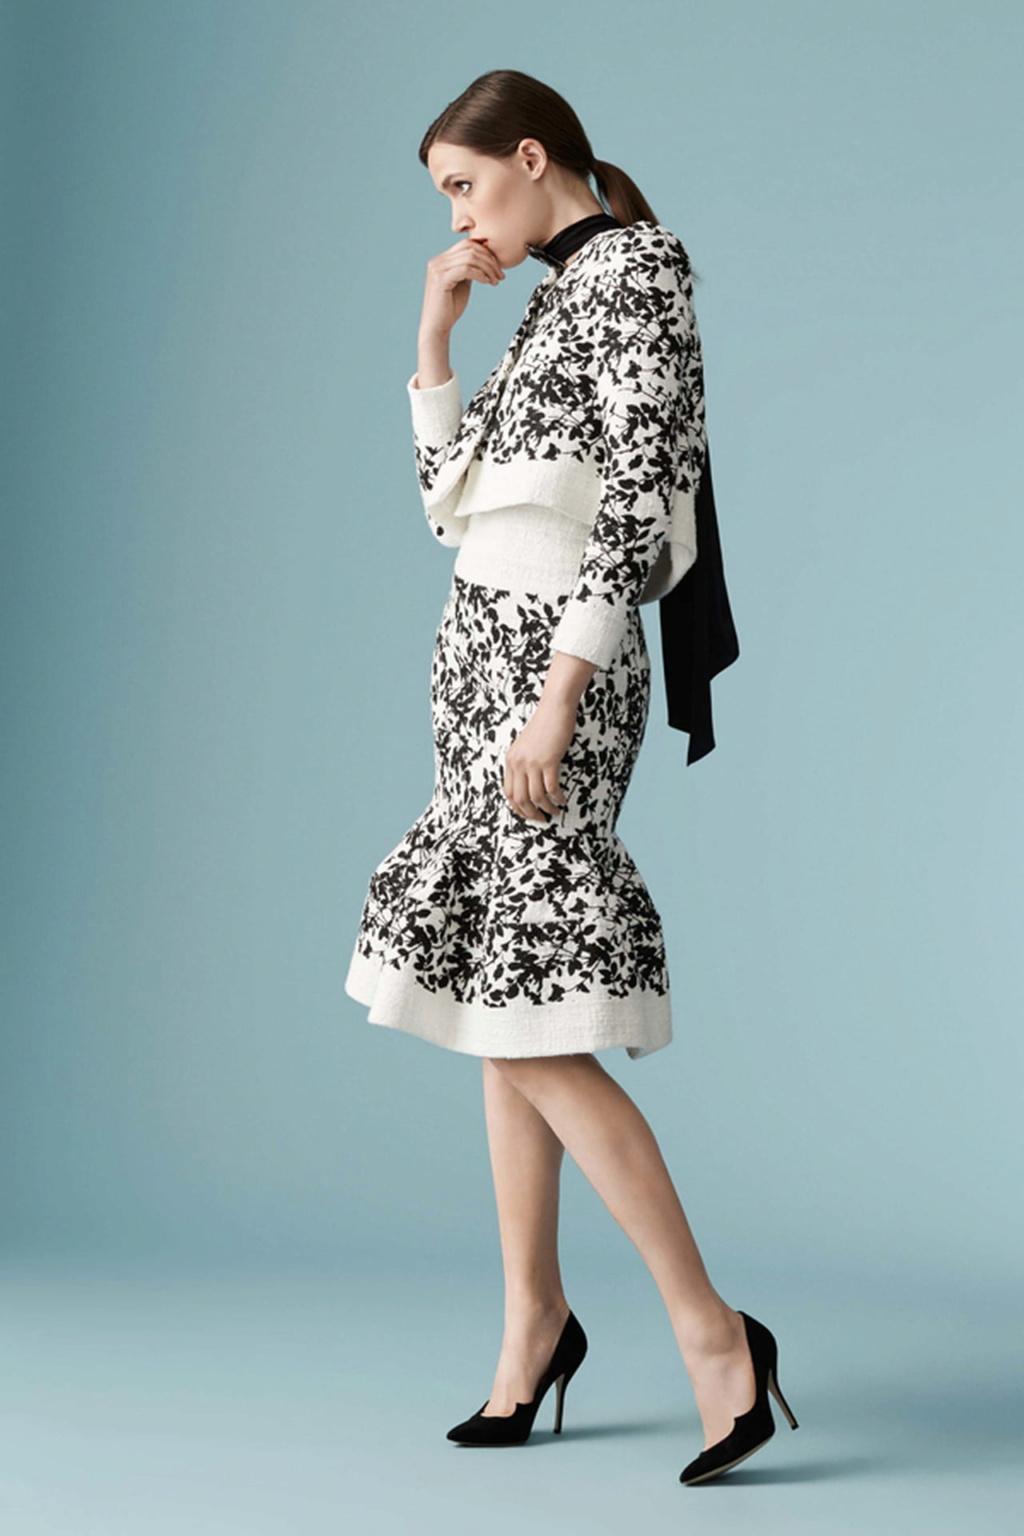 أناقة وموضة أزياء وملابس 11952410